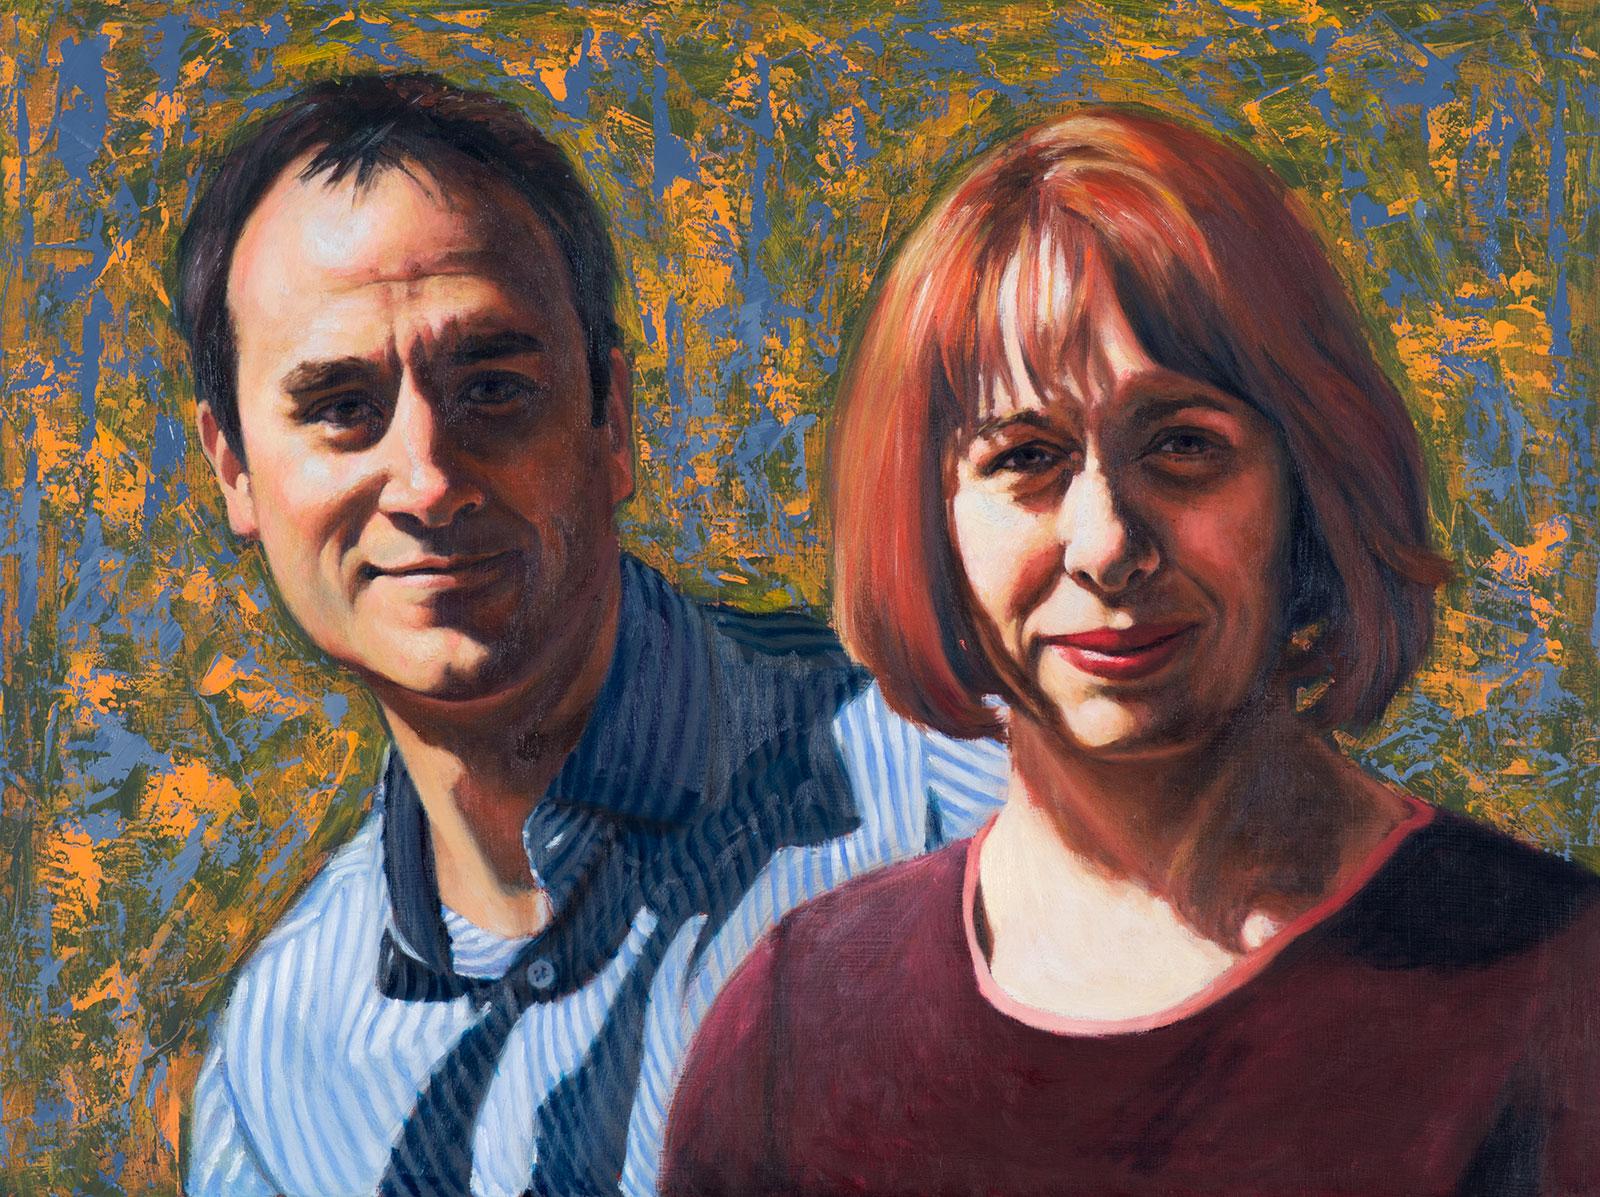 Paul and Mandie